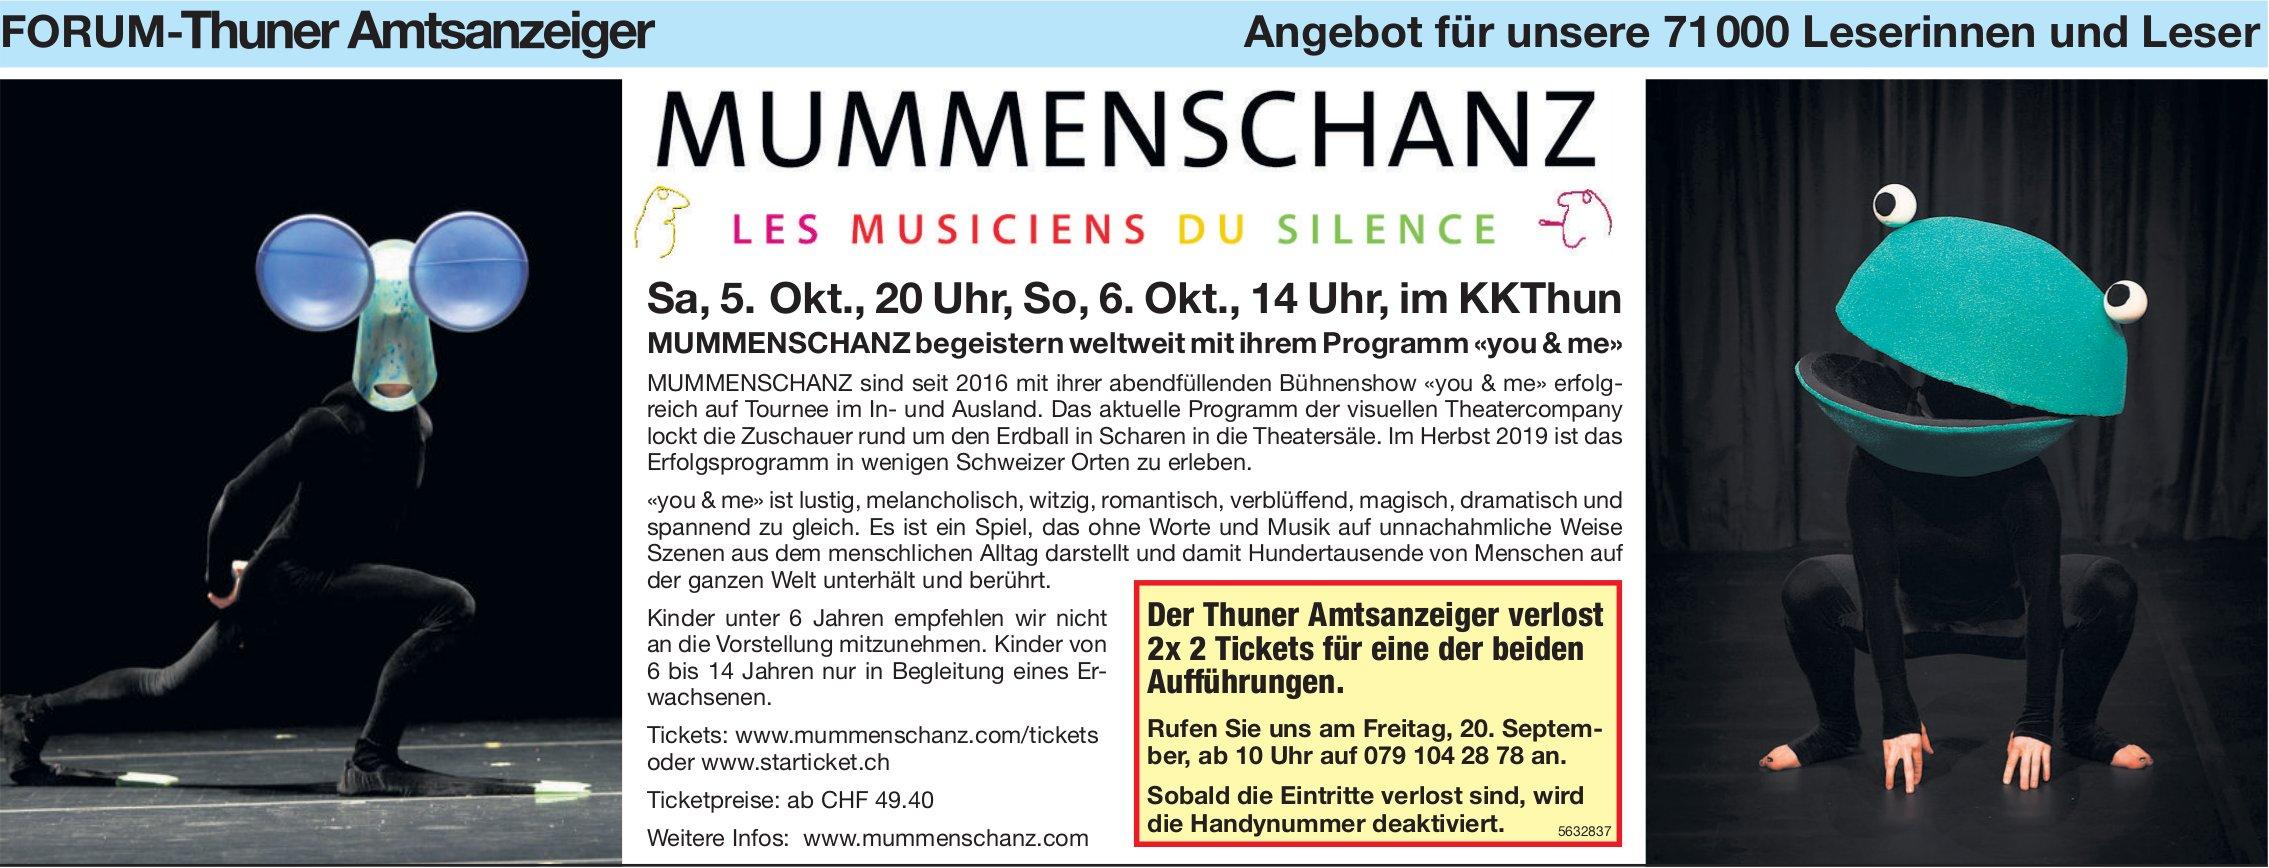 Forum-Thuner Amtsanzeiger - Mummenschanz, 5. + 6. Okt. im KKThun